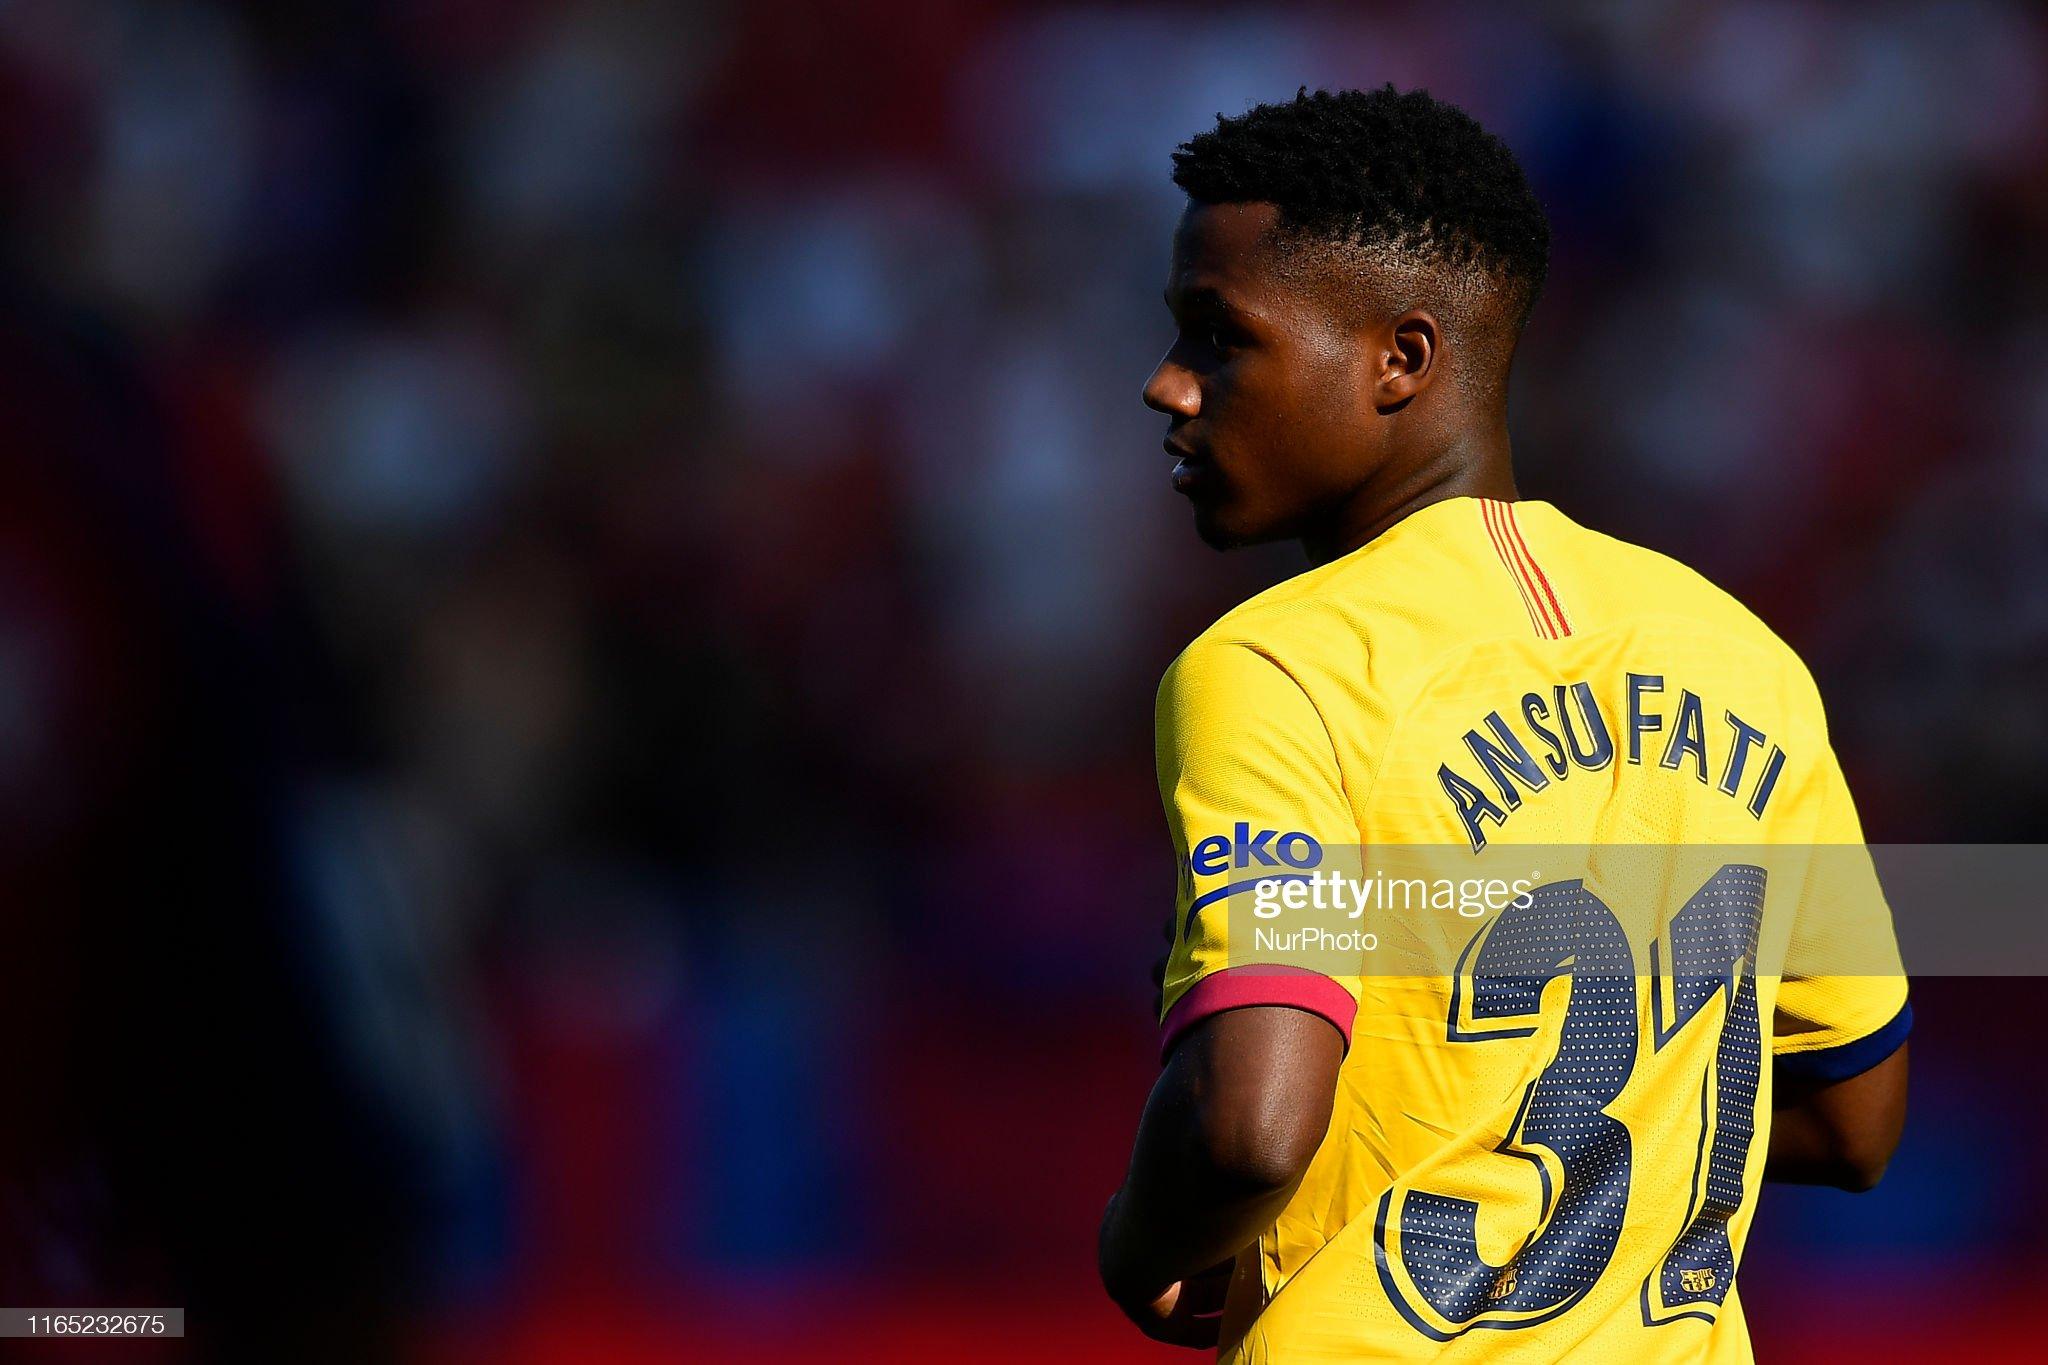 صور مباراة : أوساسونا - برشلونة 2-2 ( 31-08-2019 )  Ansu-fati-of-barcelona-during-the-liga-match-between-ca-osasuna-and-picture-id1165232675?s=2048x2048